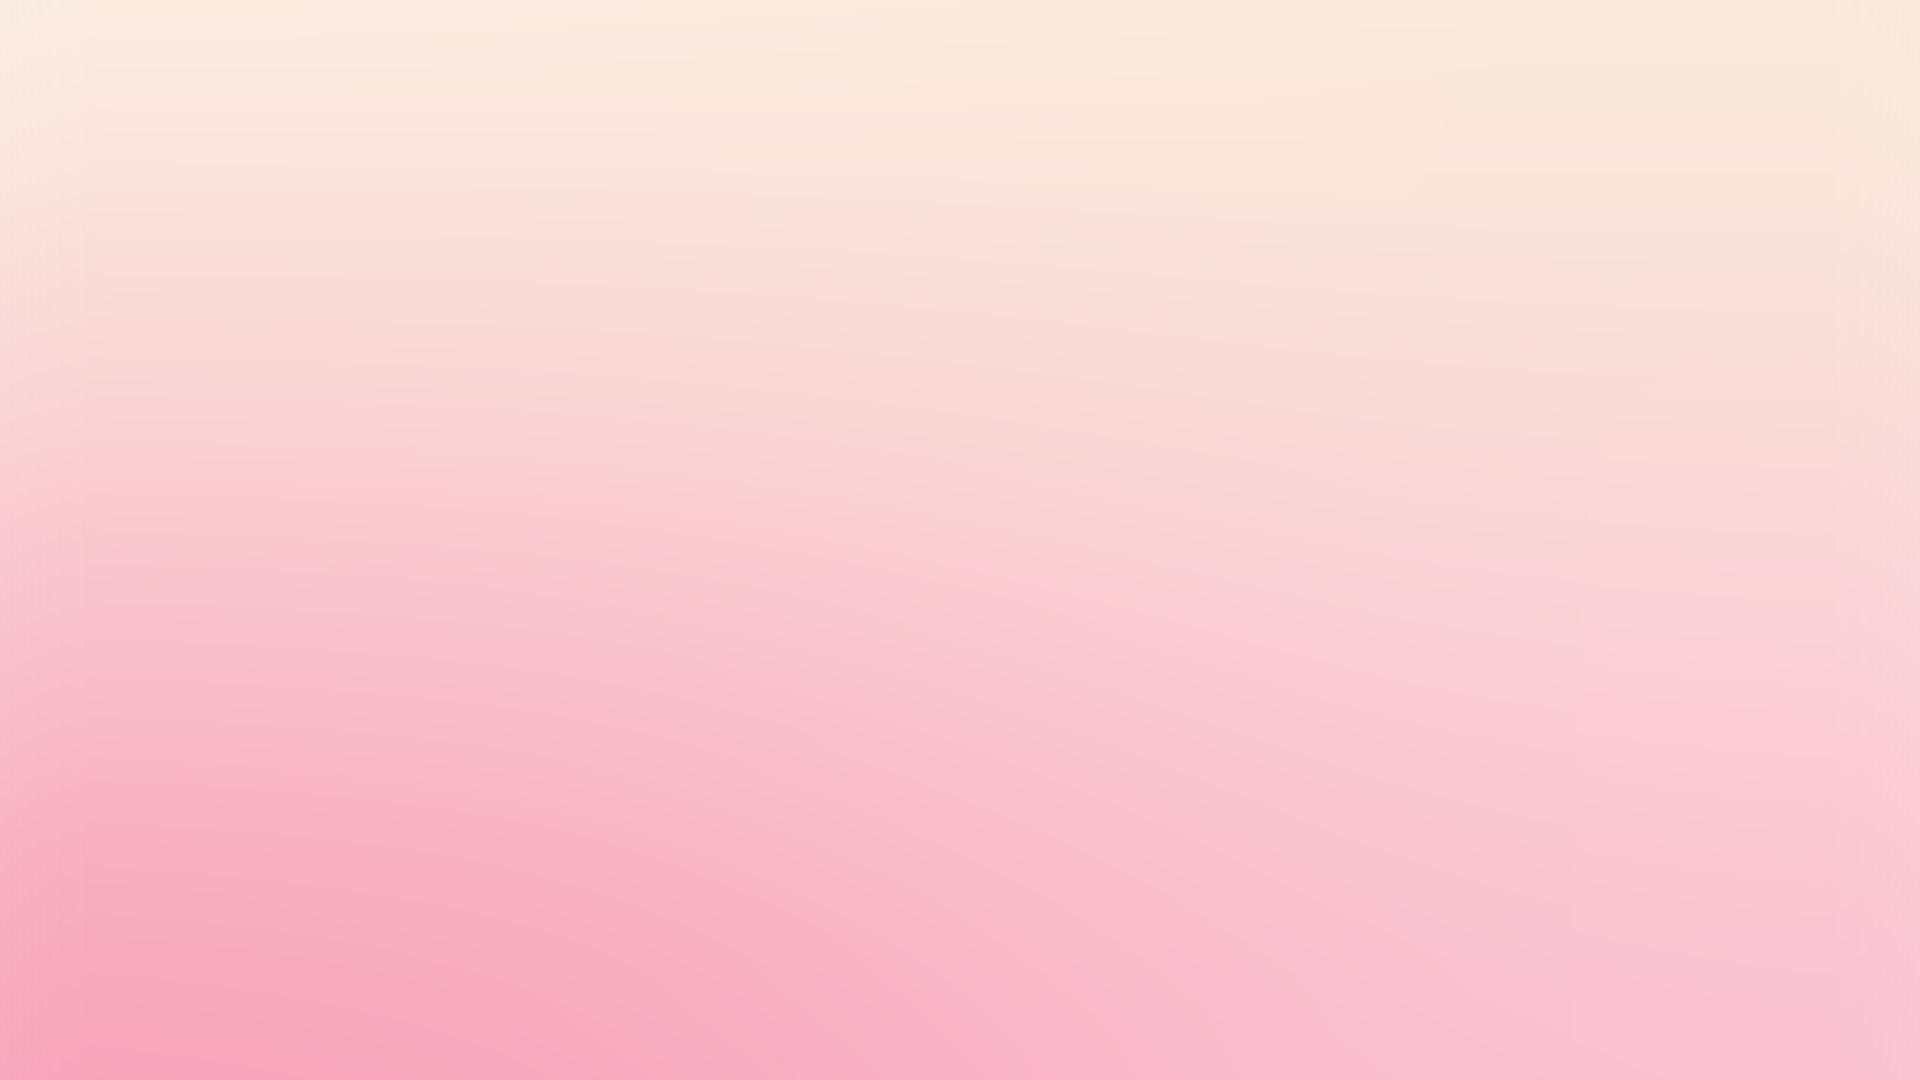 Best Wallpaper App For Iphone Wallpaper For Desktop Laptop Sk12 Cute Pink Blur Gradation